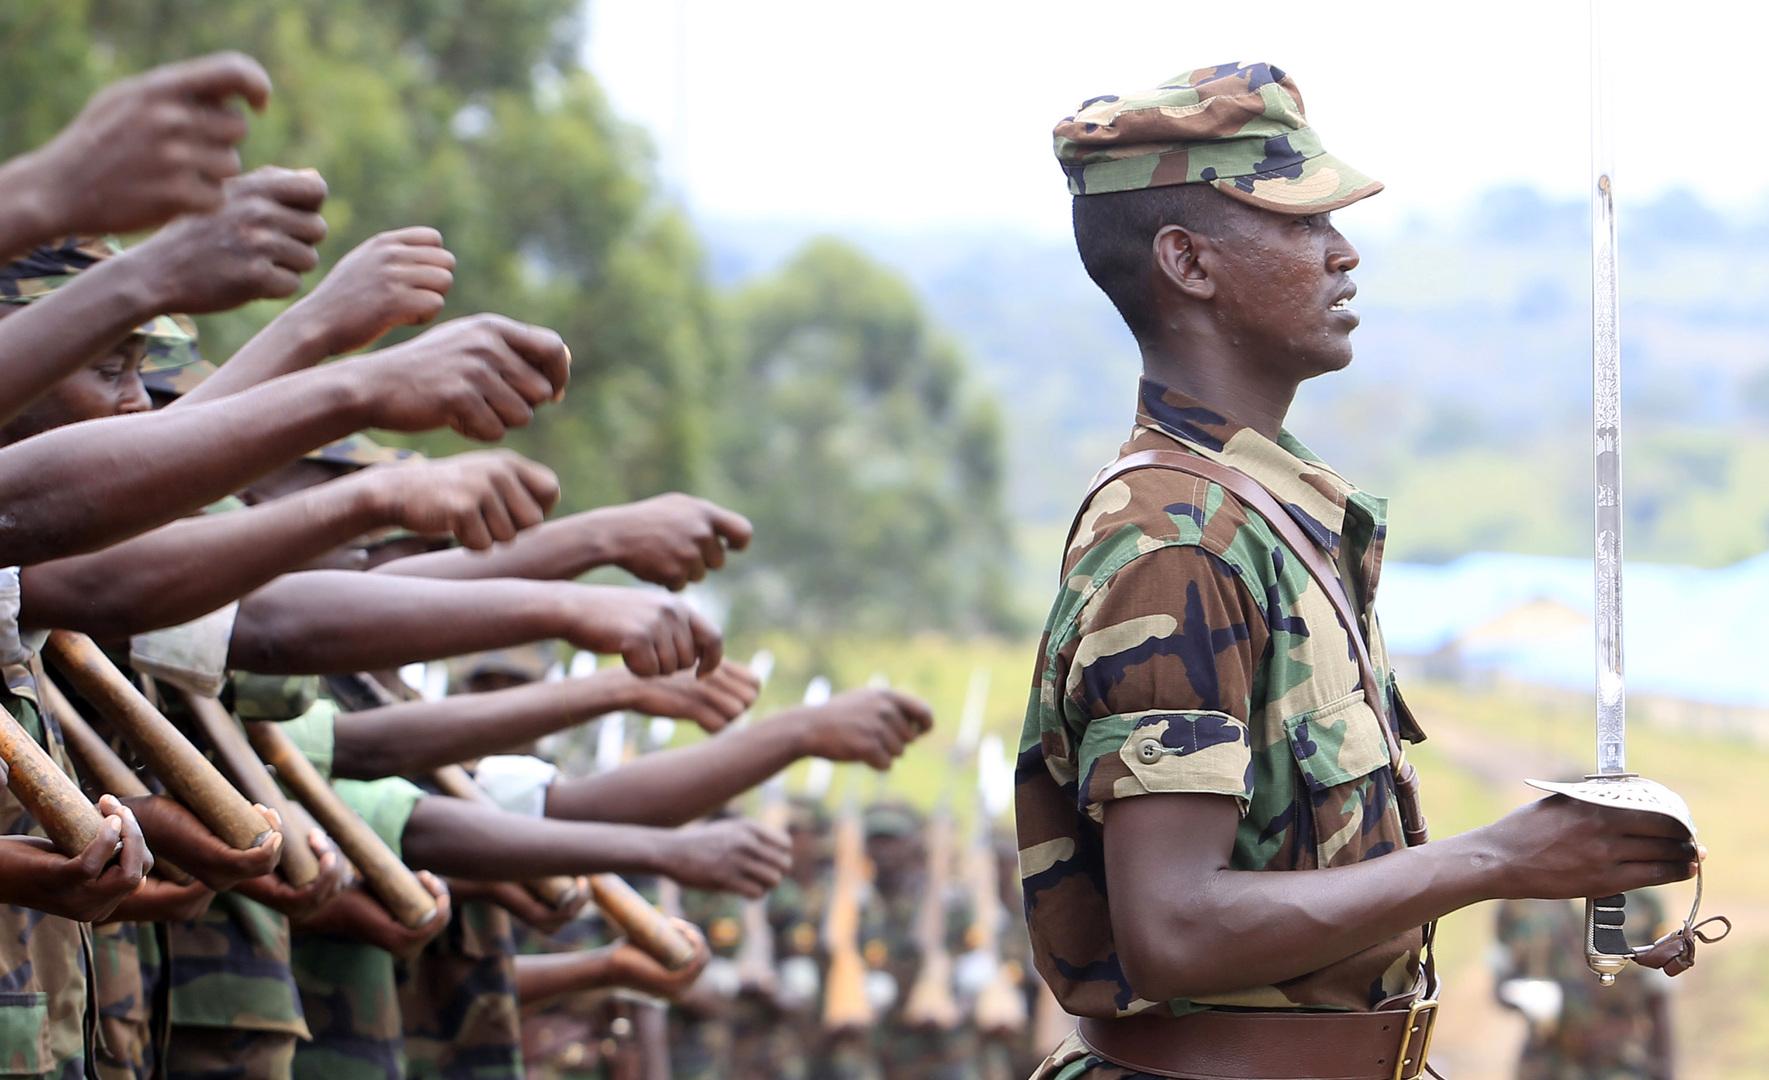 مرشح رئاسي صومالي يصف إرسال قوات صومالية للقتال في تيغراي بأنه